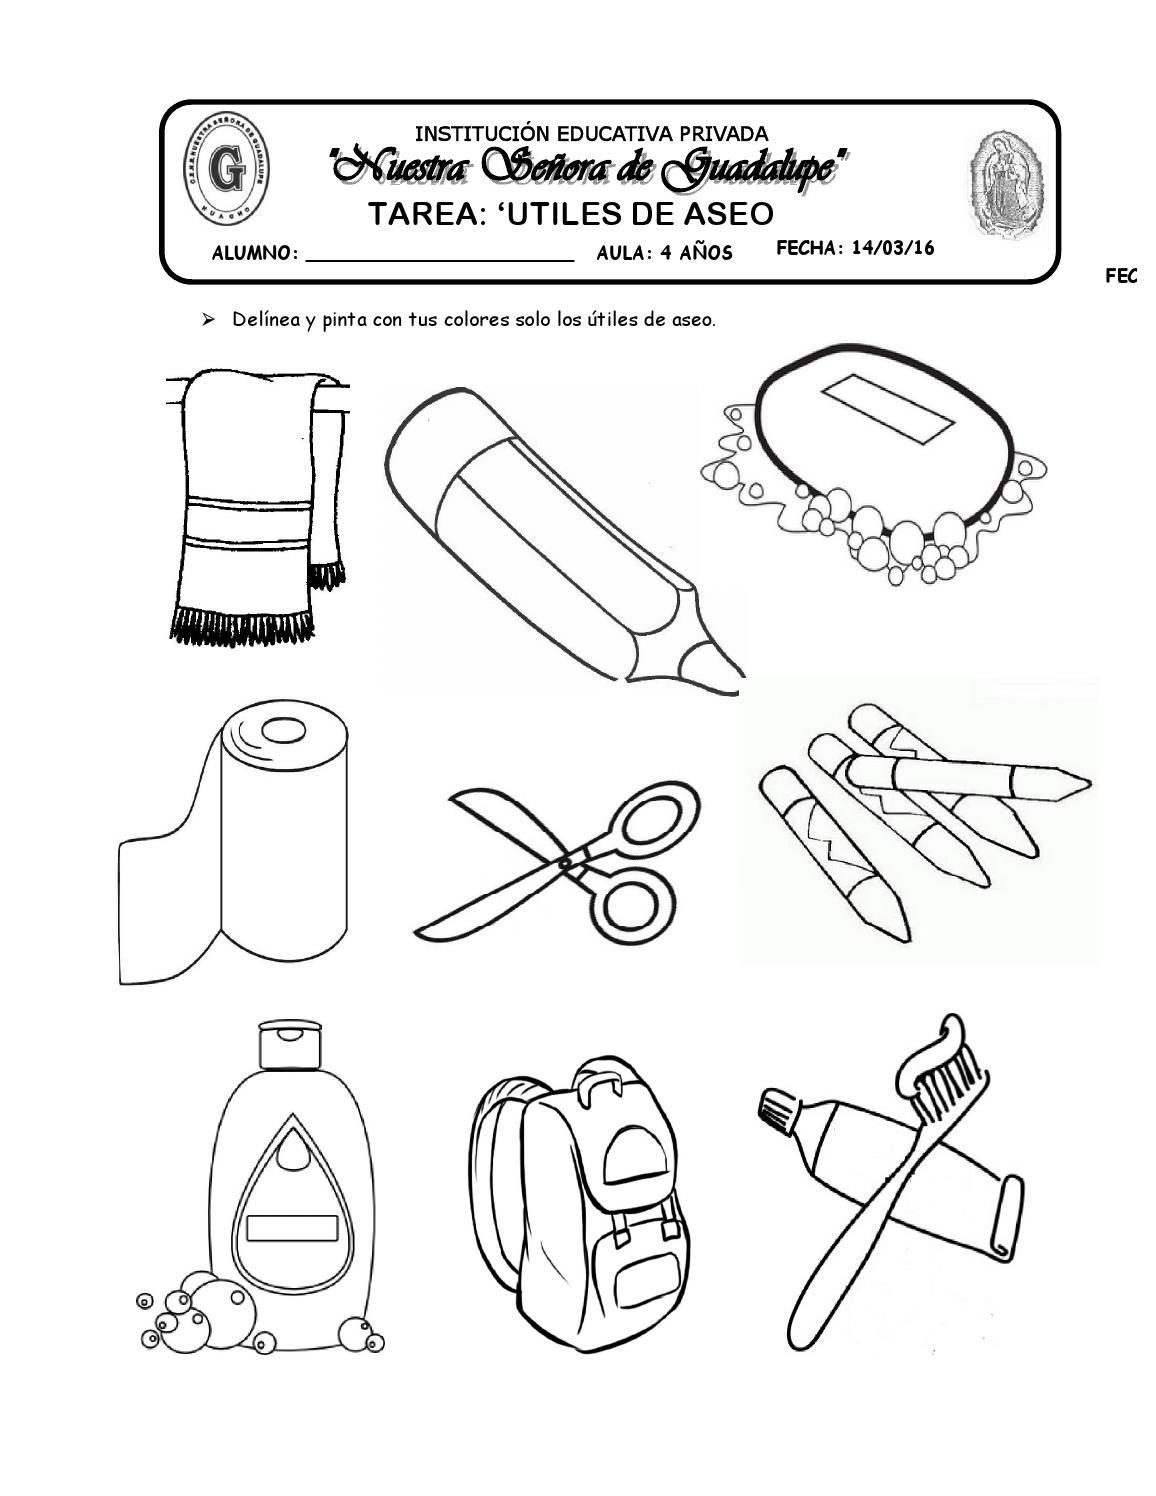 Tarea utiles de aseo by katy hormiguita issuu for Imagenes de utiles de aseo